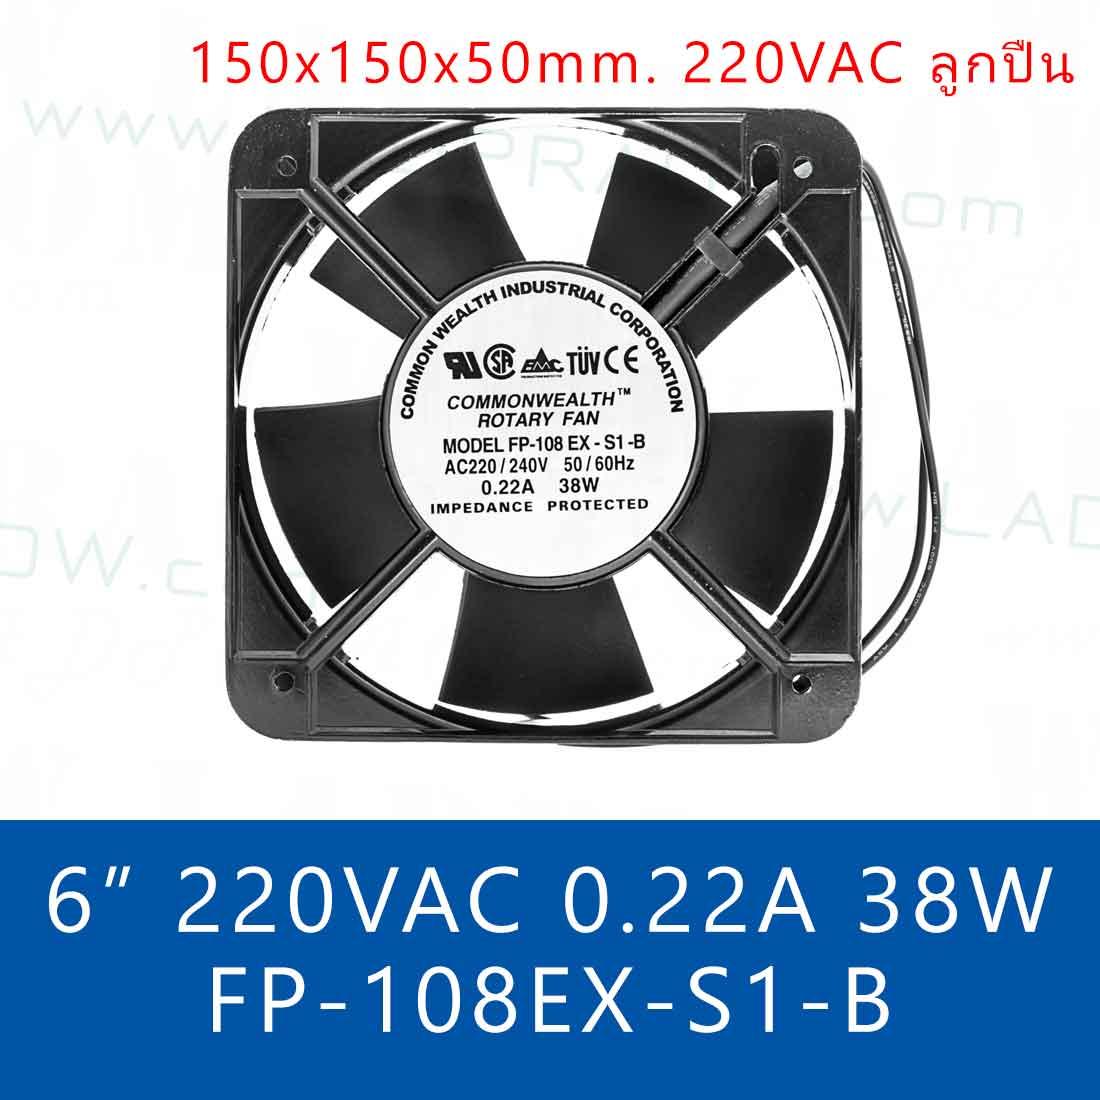 พัดลมระบายความร้อน 6 นิ้ว 150x150x50mm 6 inch นิ้ว FP-108EX-S1-B CommonWealth Cooling fan ลูกปืน